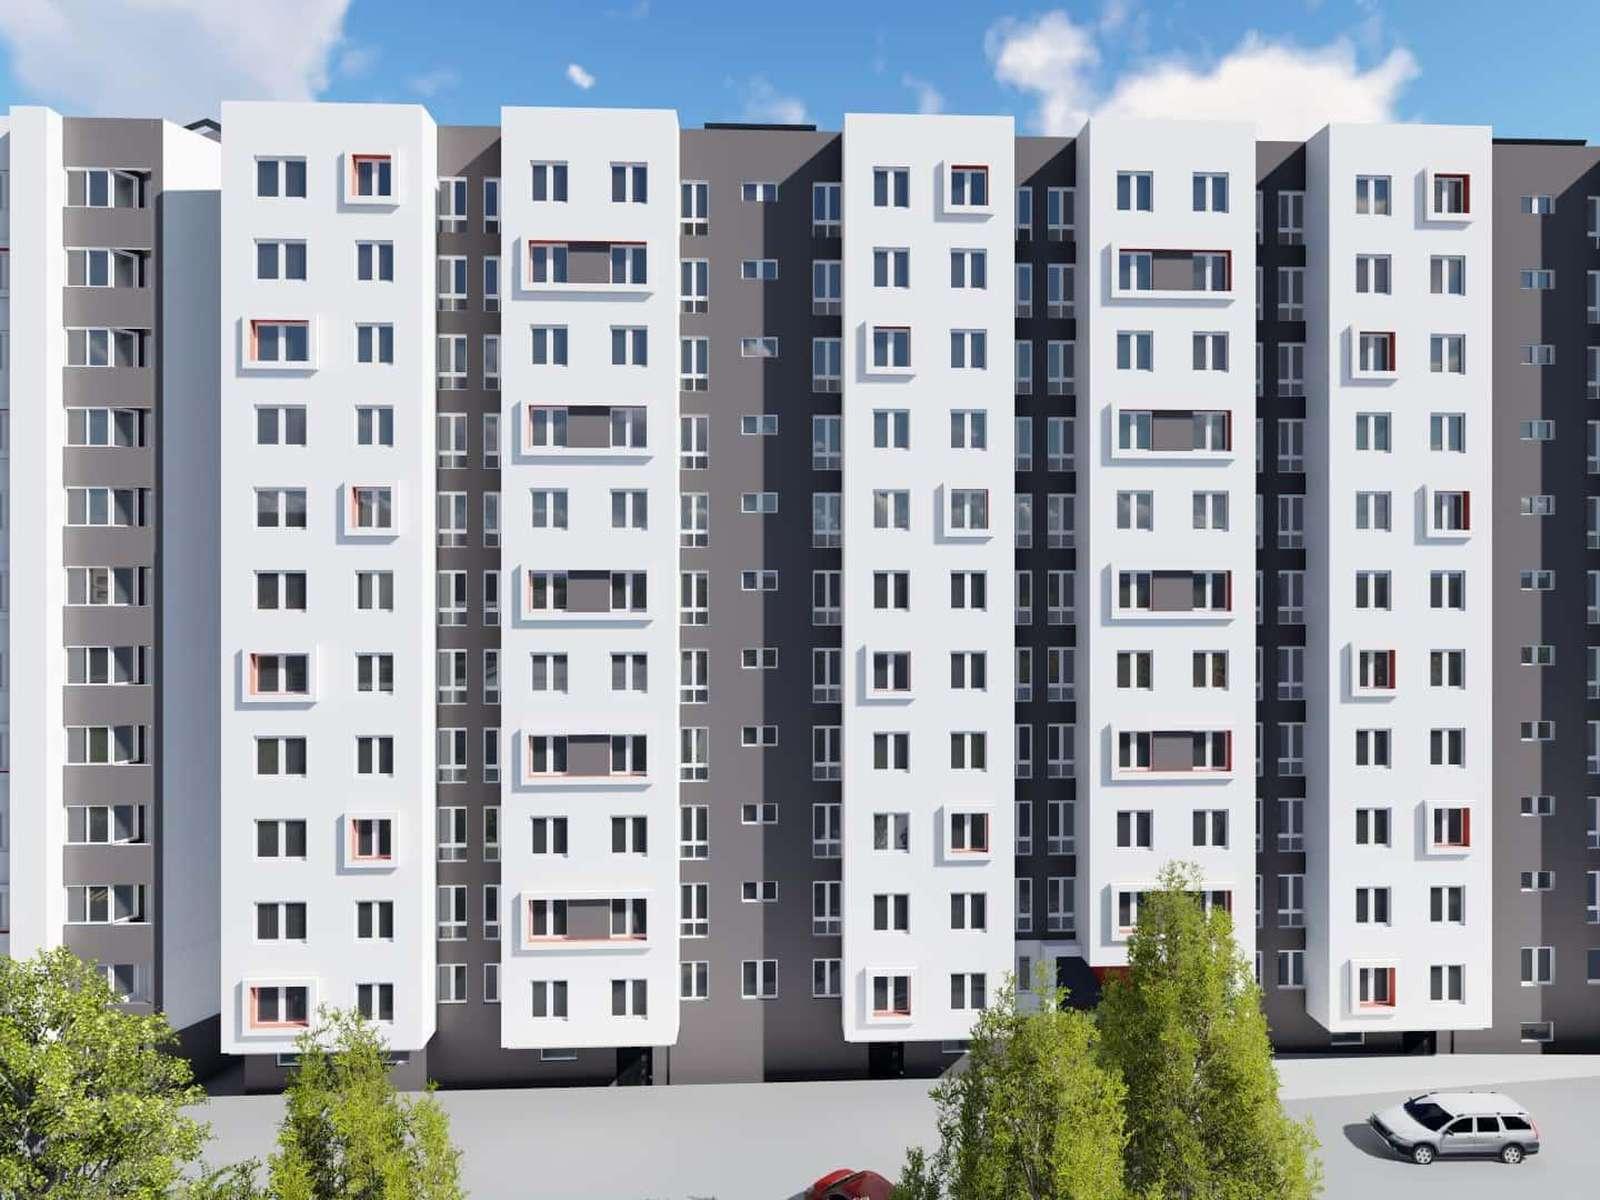 Apartamente cu 1 odaie de tip studio mobilat și utilat la 14999 €